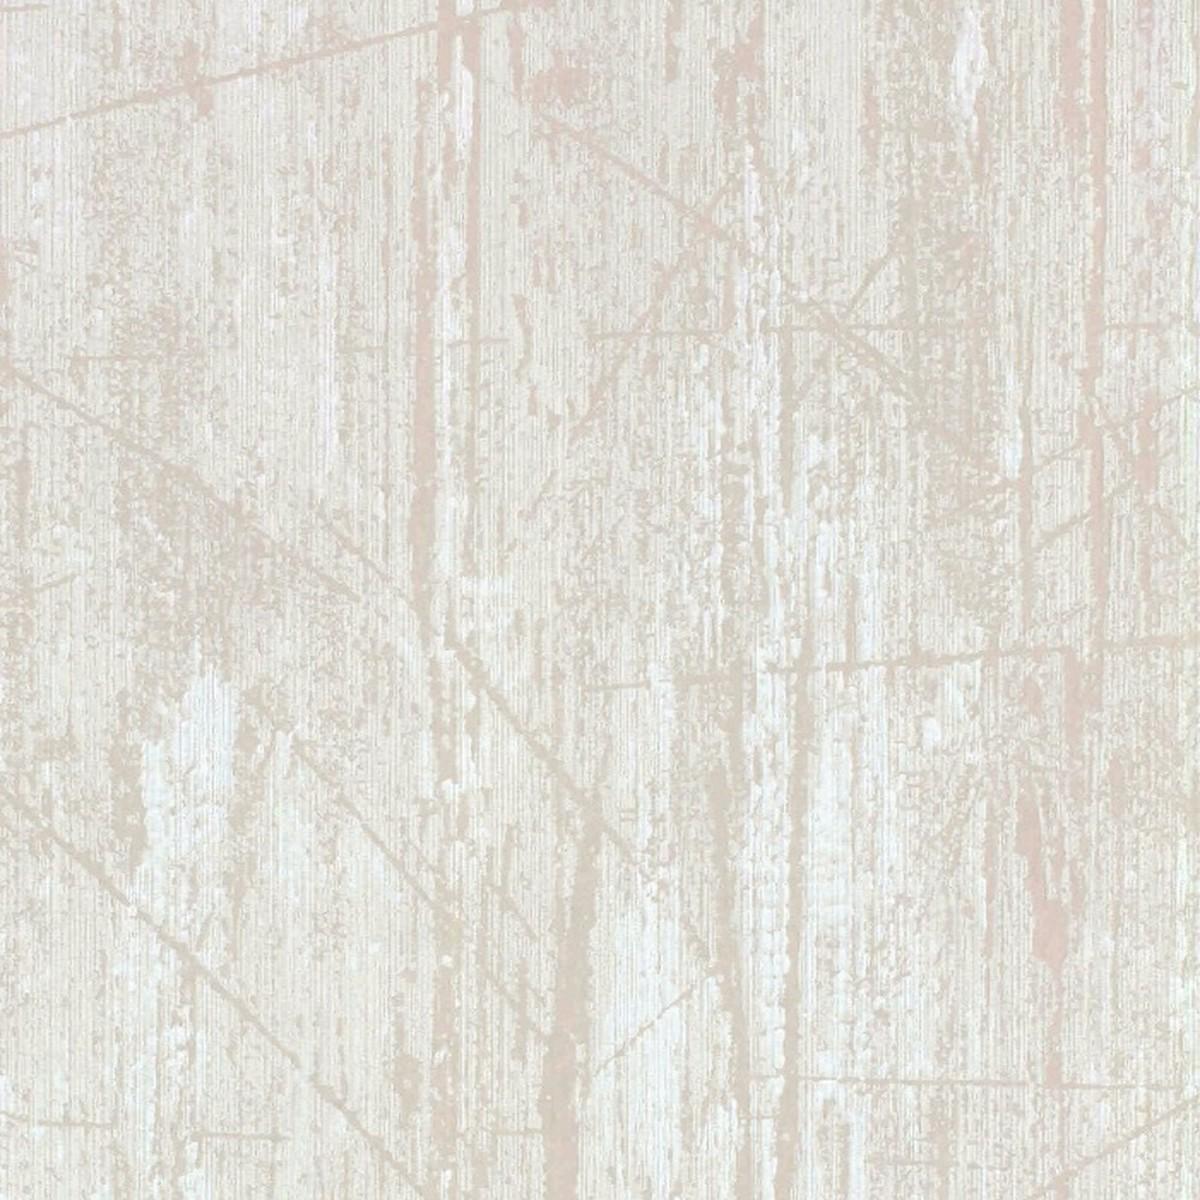 Обои на флизелиновой основе под штукатурку 0.53х10 м цвет коричневый Ra 480924